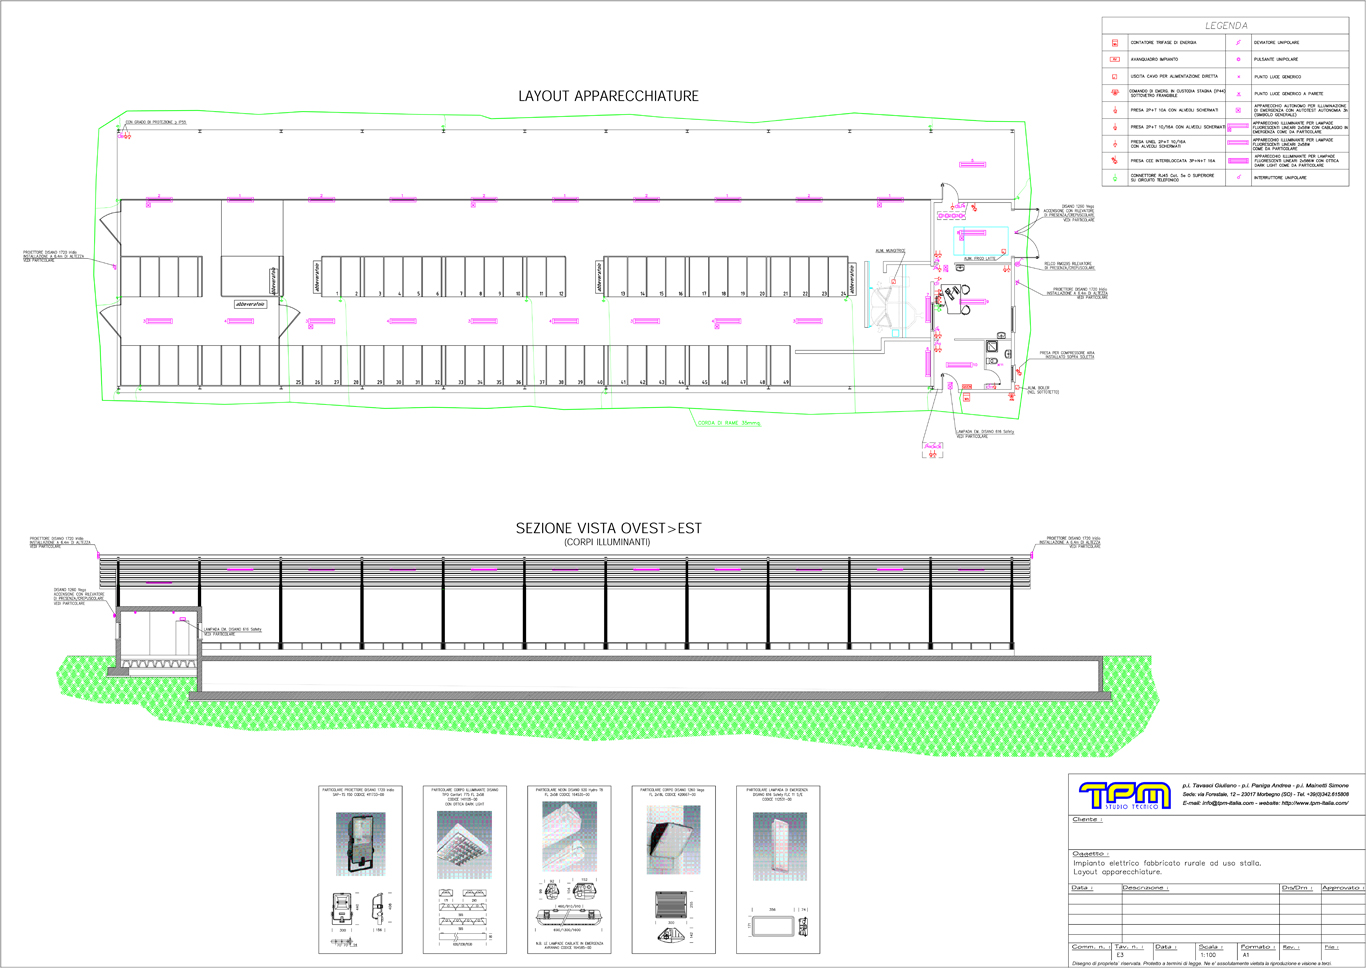 Schemi Elettrici Civili : Progettazione impianti elettrici studio tecnico tpm